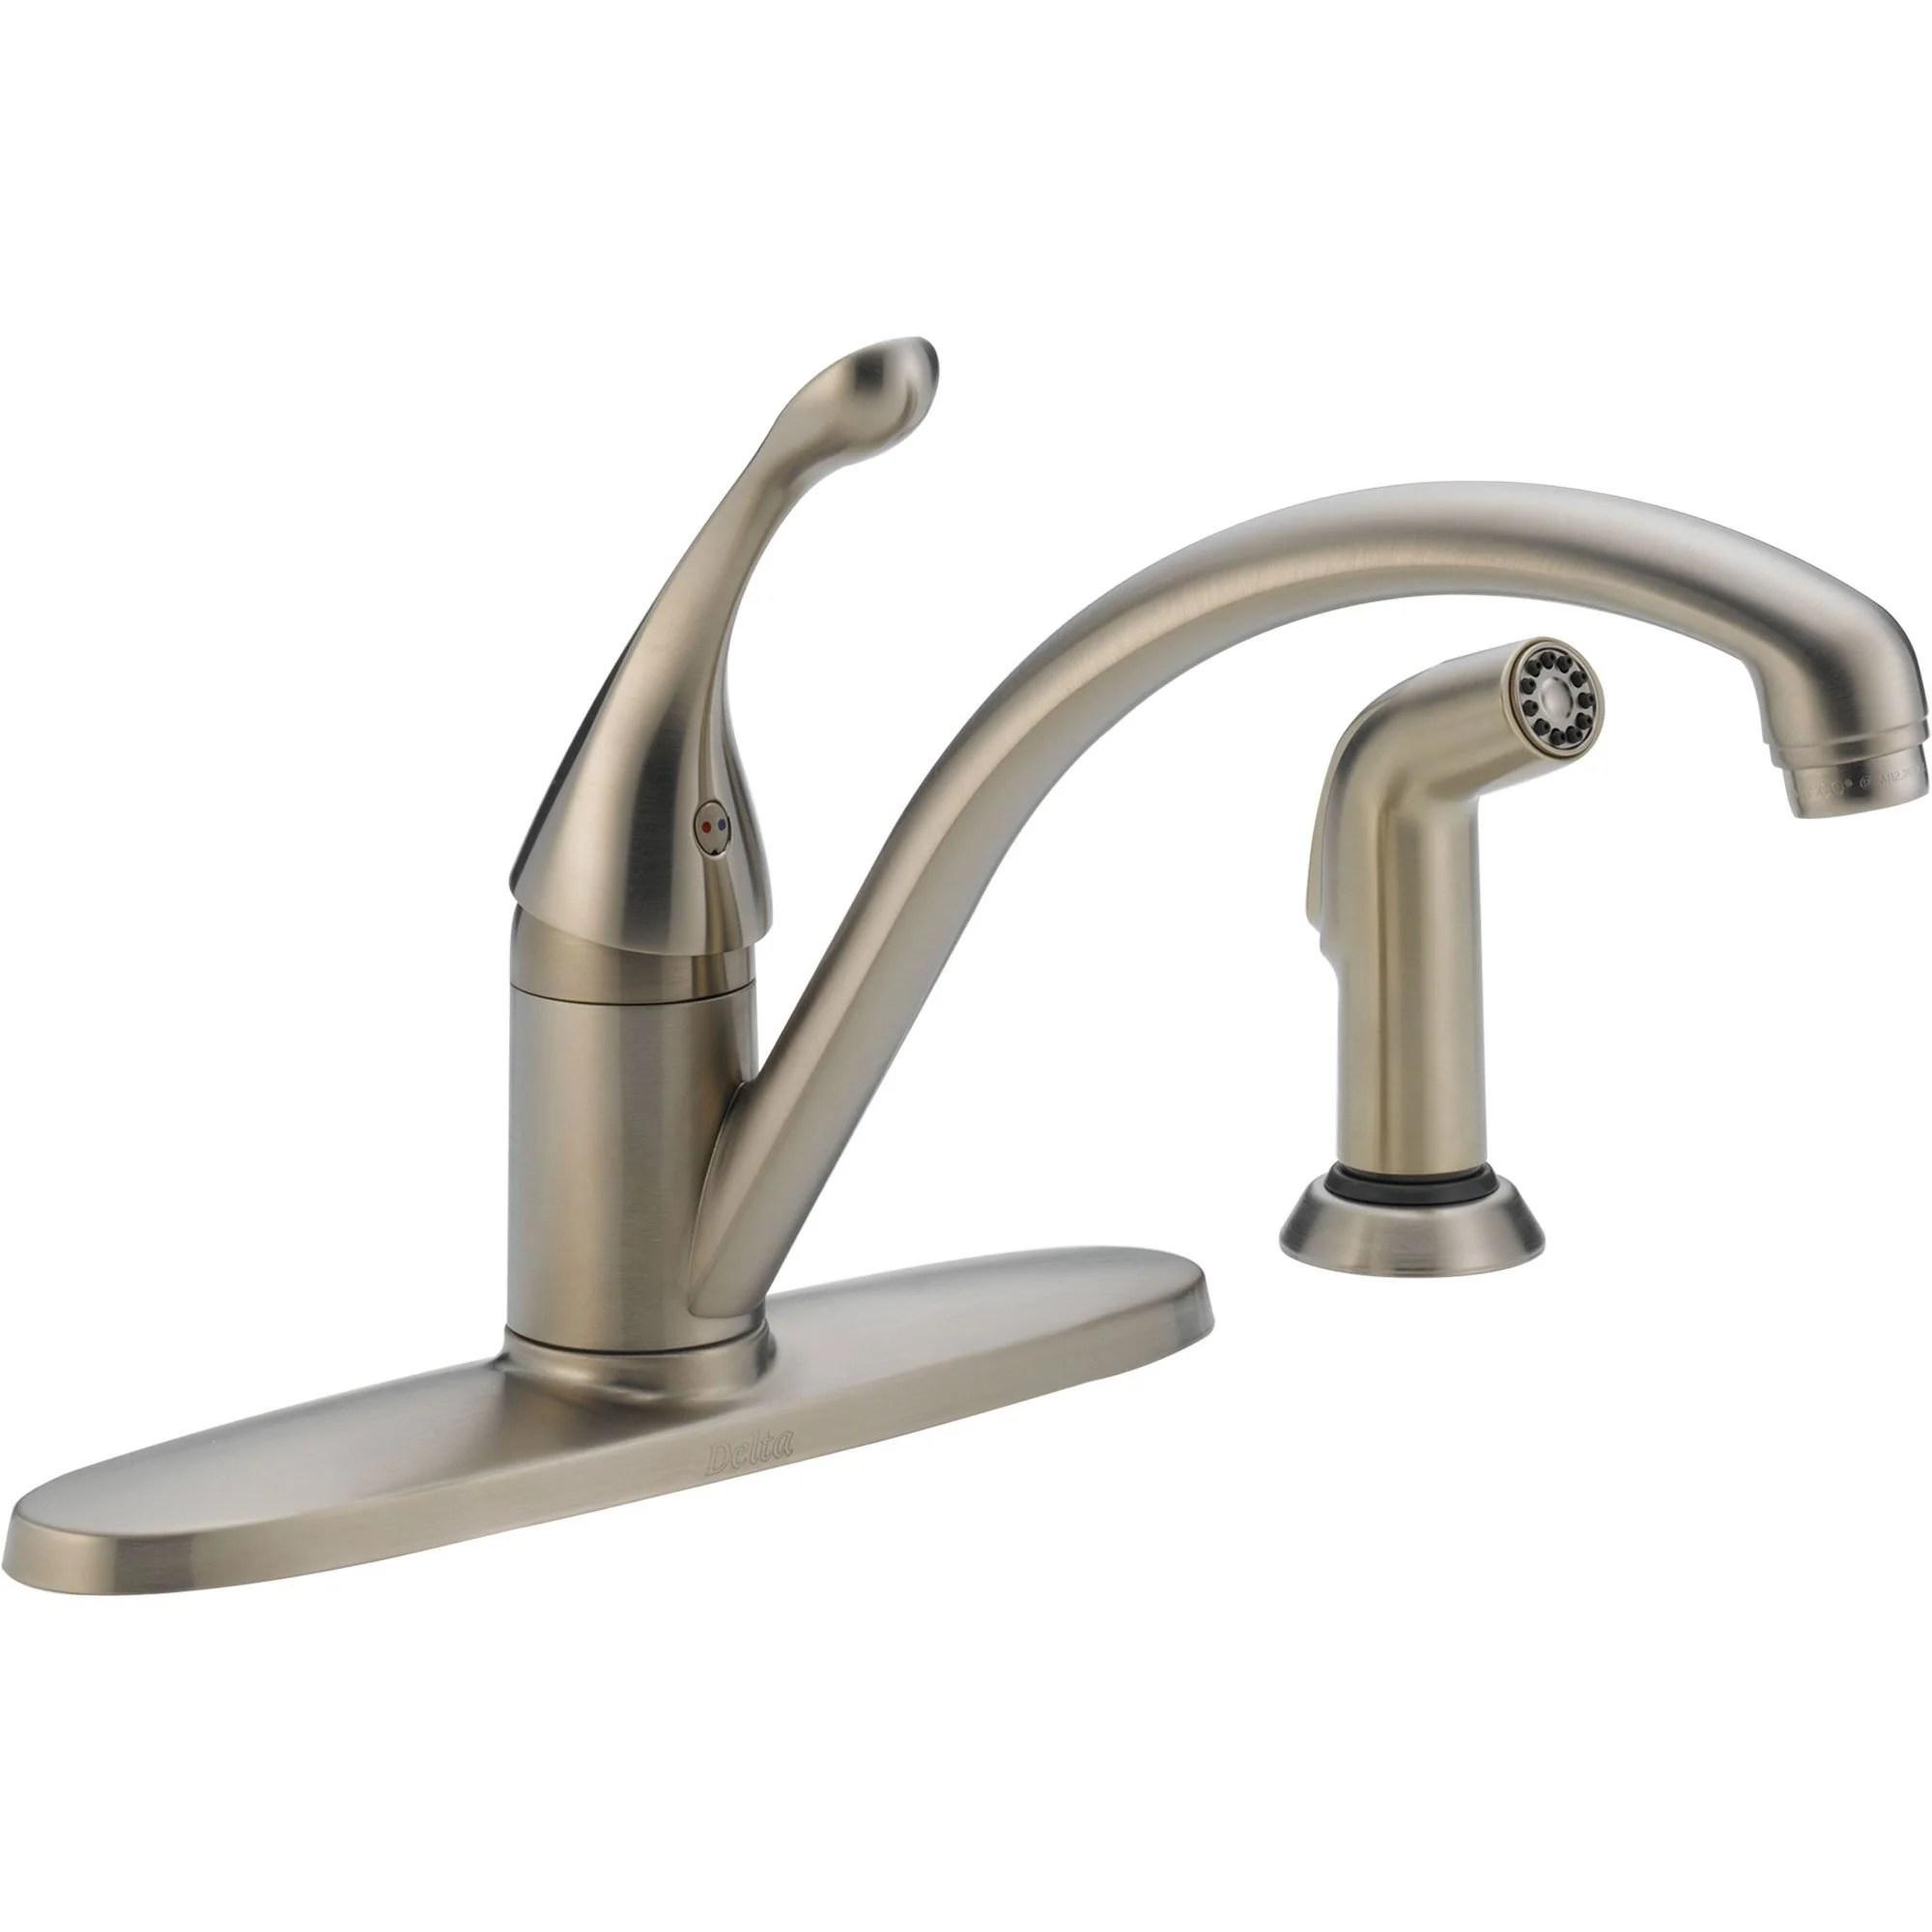 four hole kitchen sink faucet